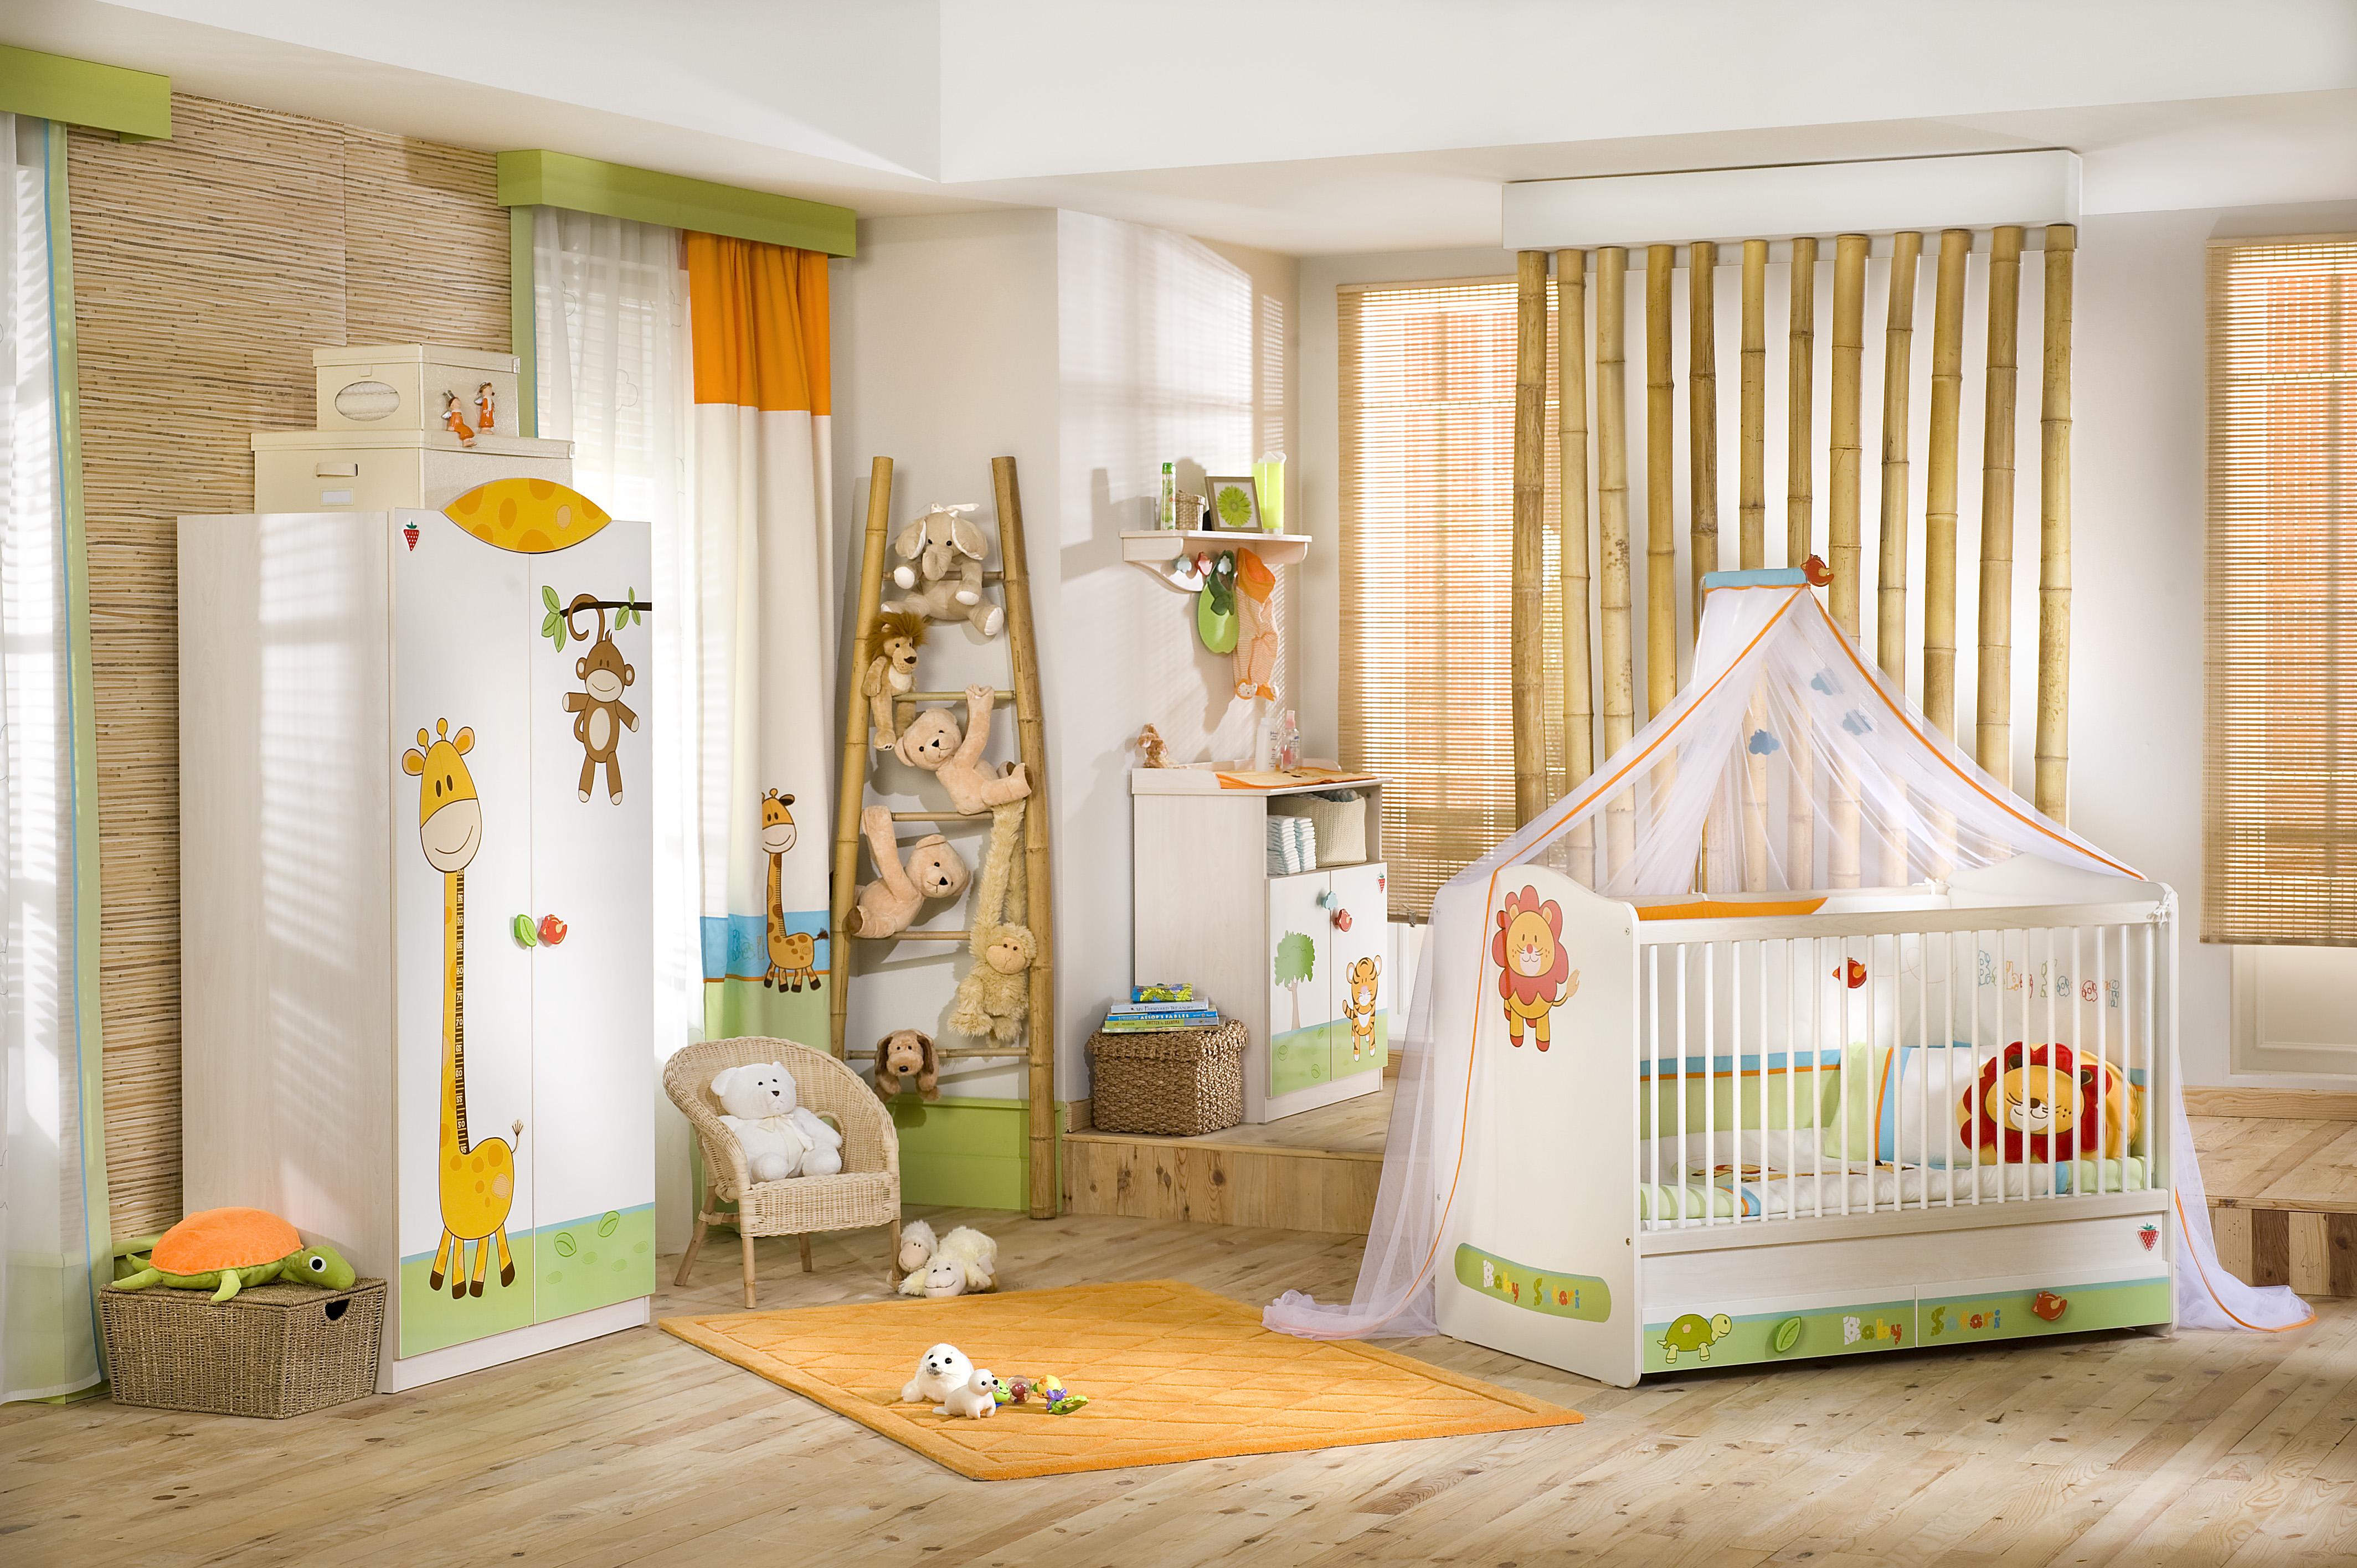 Imagenes de habitacion para bebe ni o descargar - Decoracion para habitacion de bebe nina ...